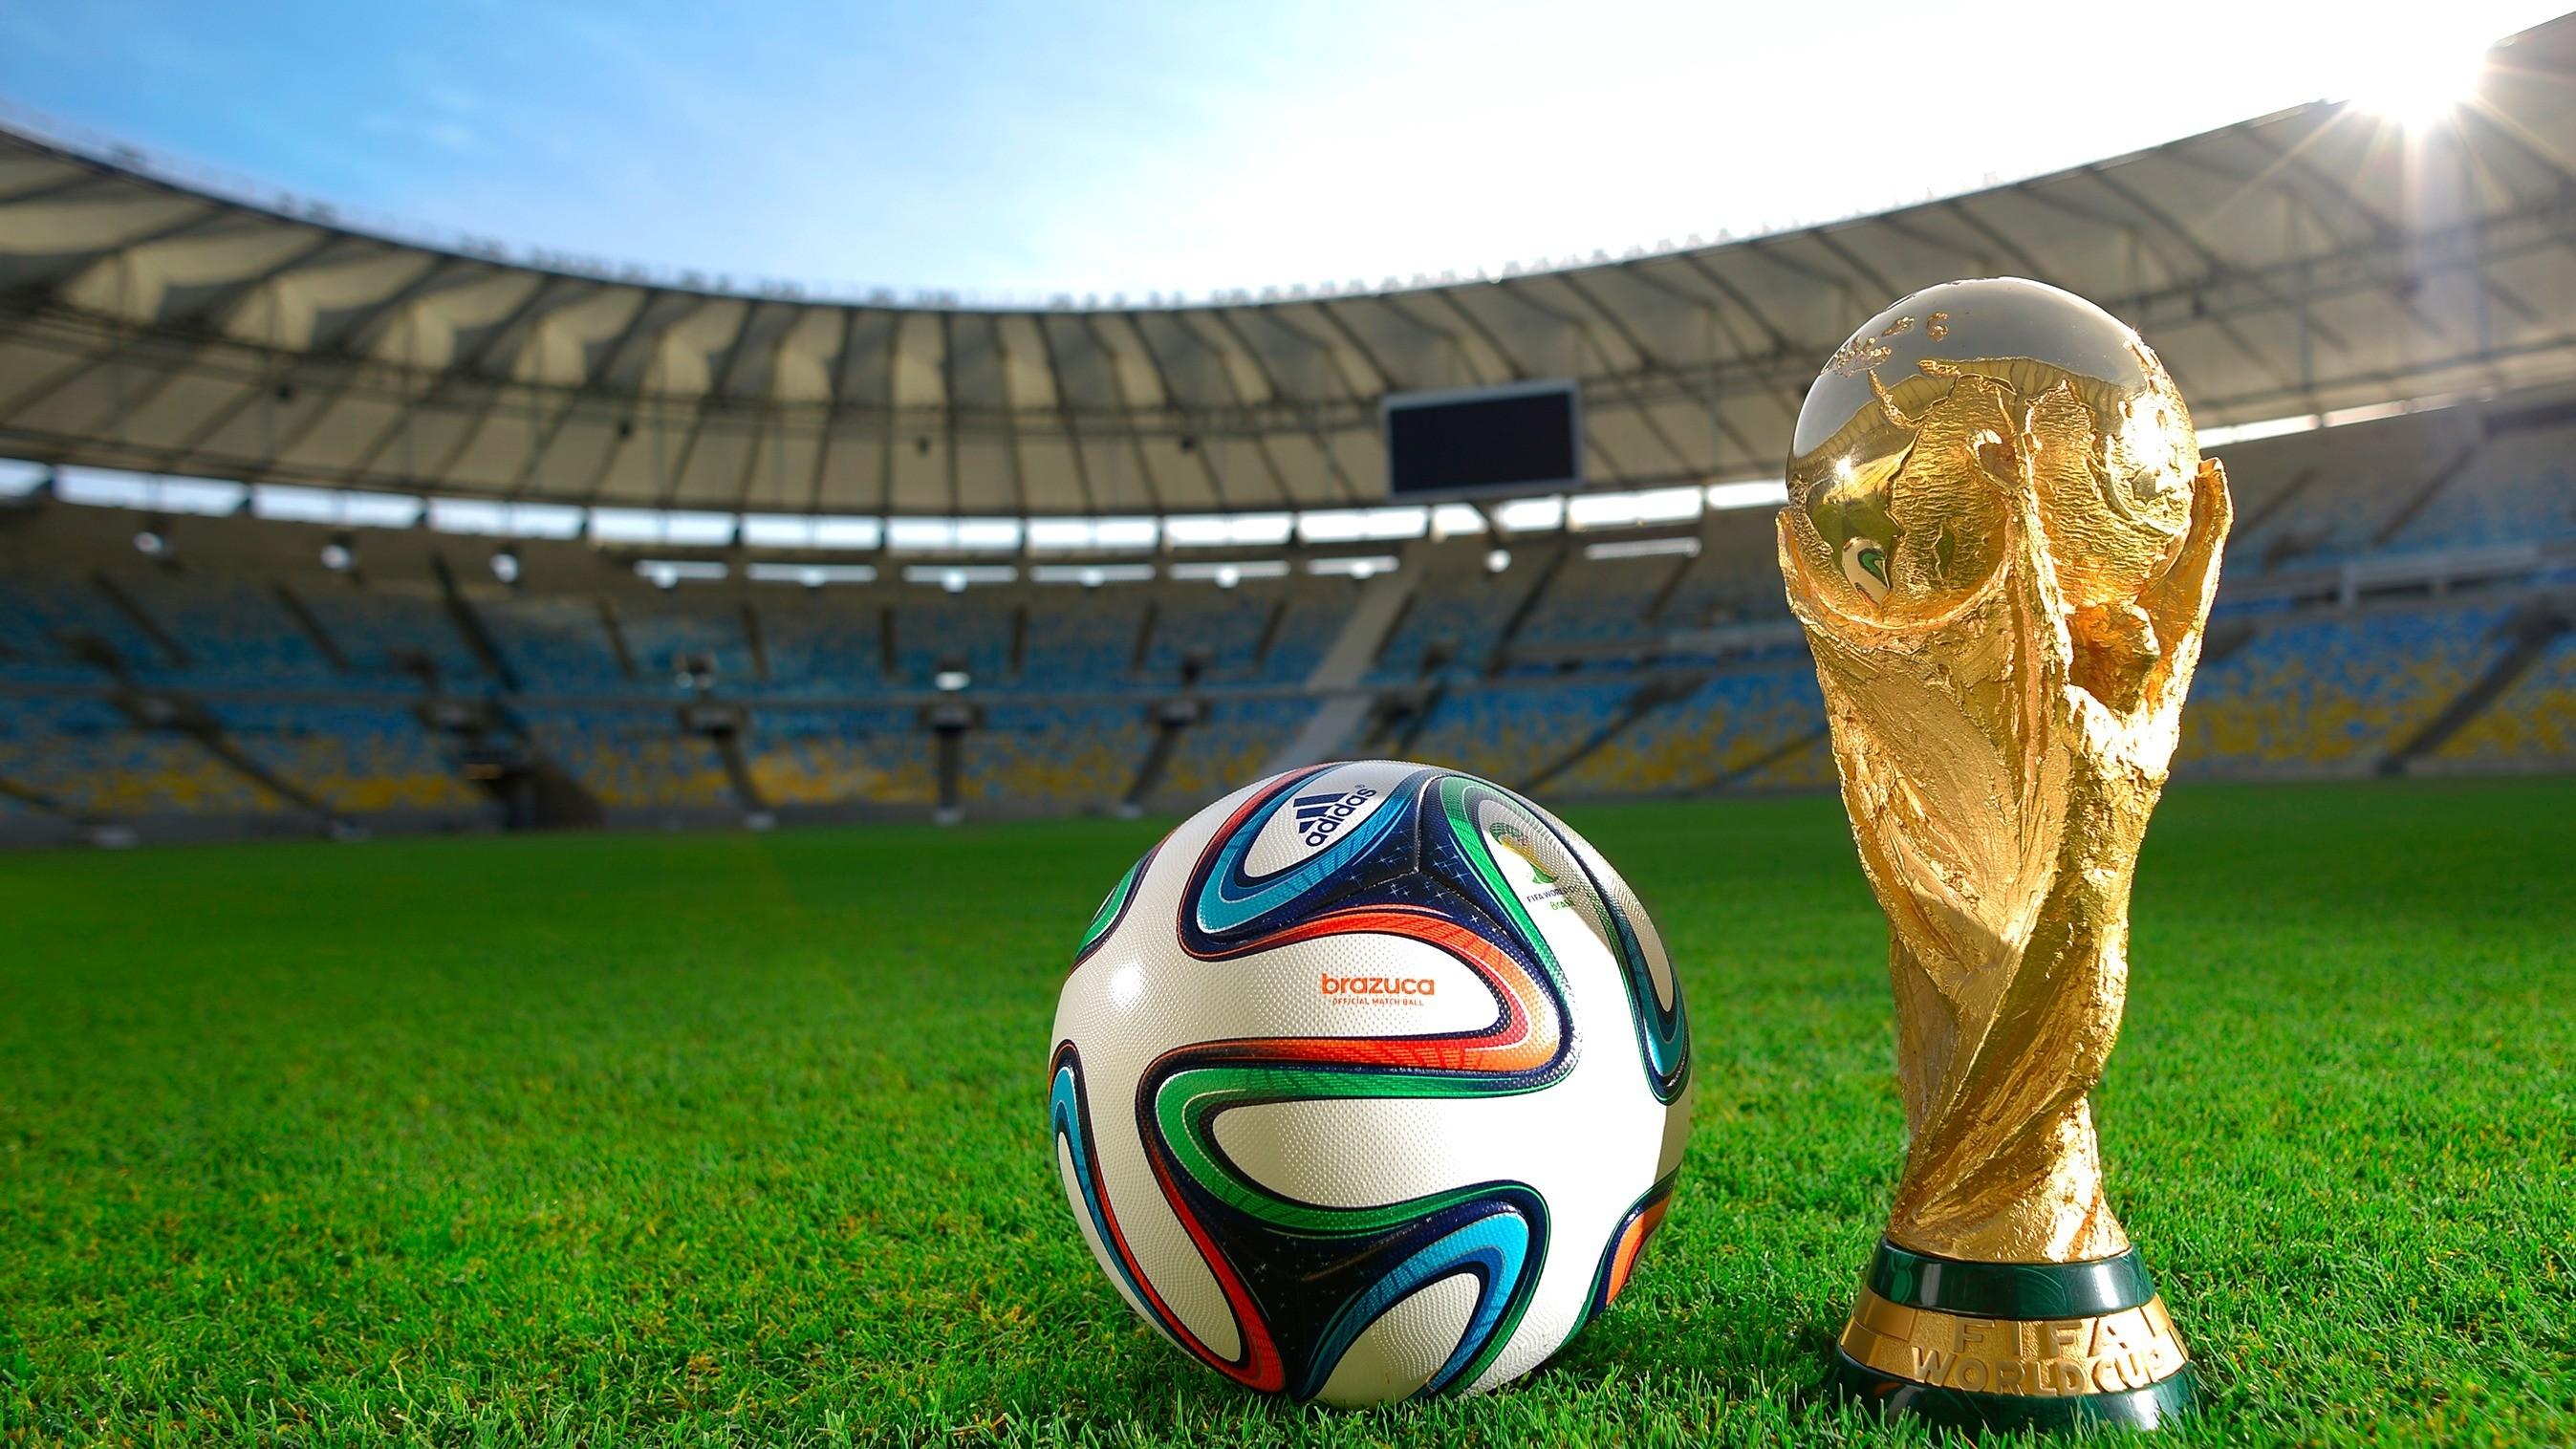 Brazuca y Fifa 2014 - 2695x1516